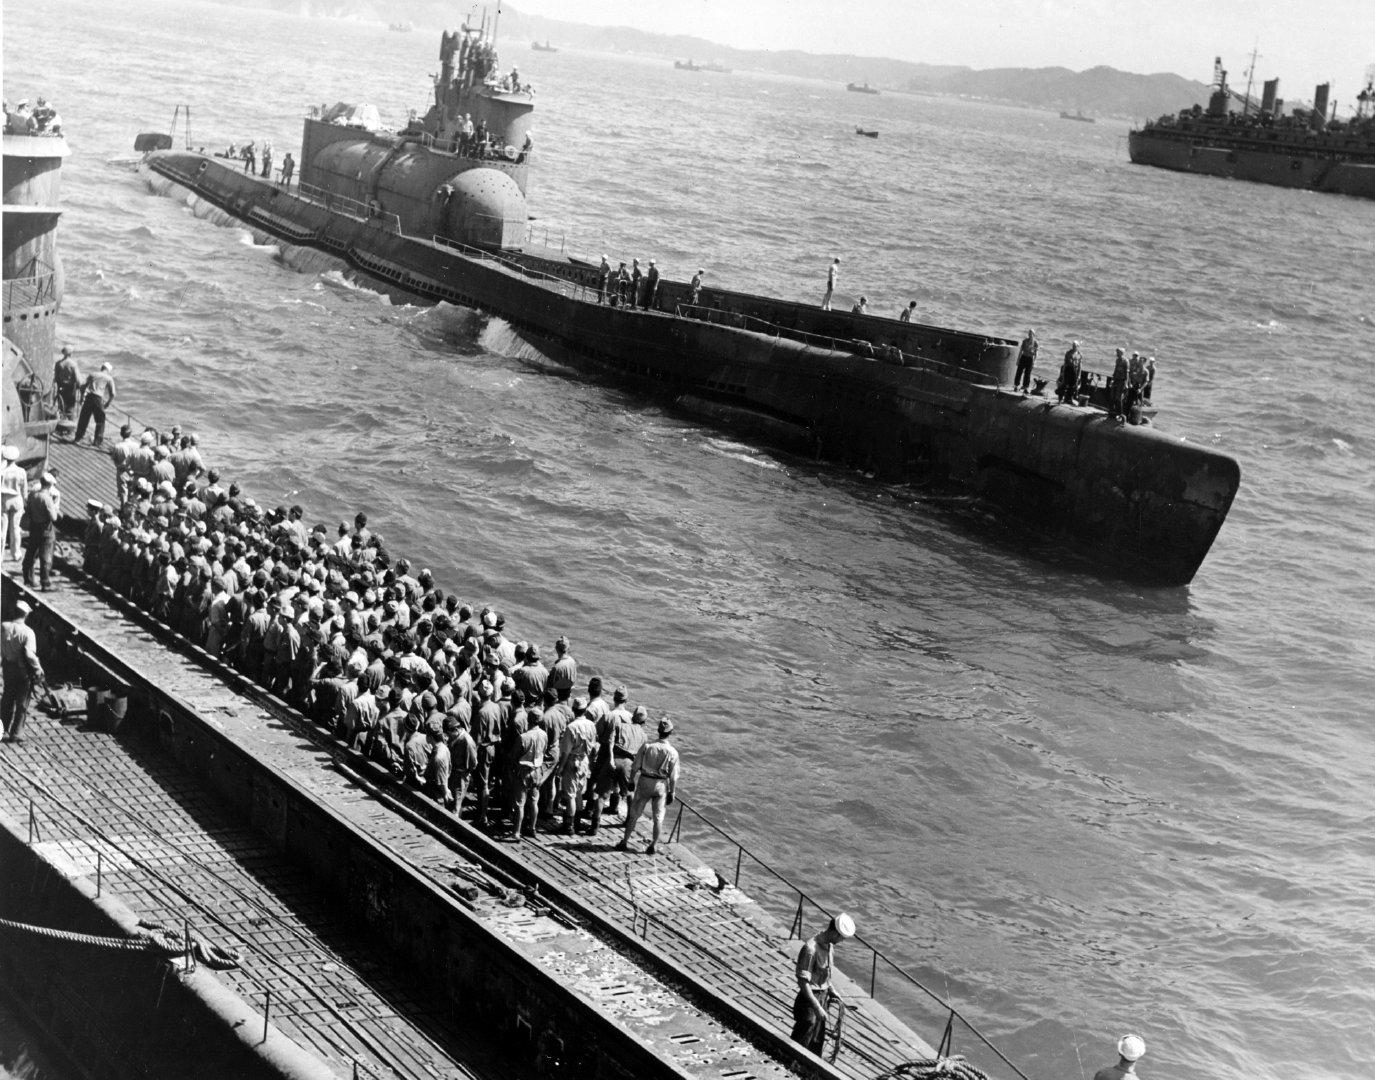 日本潜艇航母为I-400,I-14和I-401;佐世保 1945年8月29日